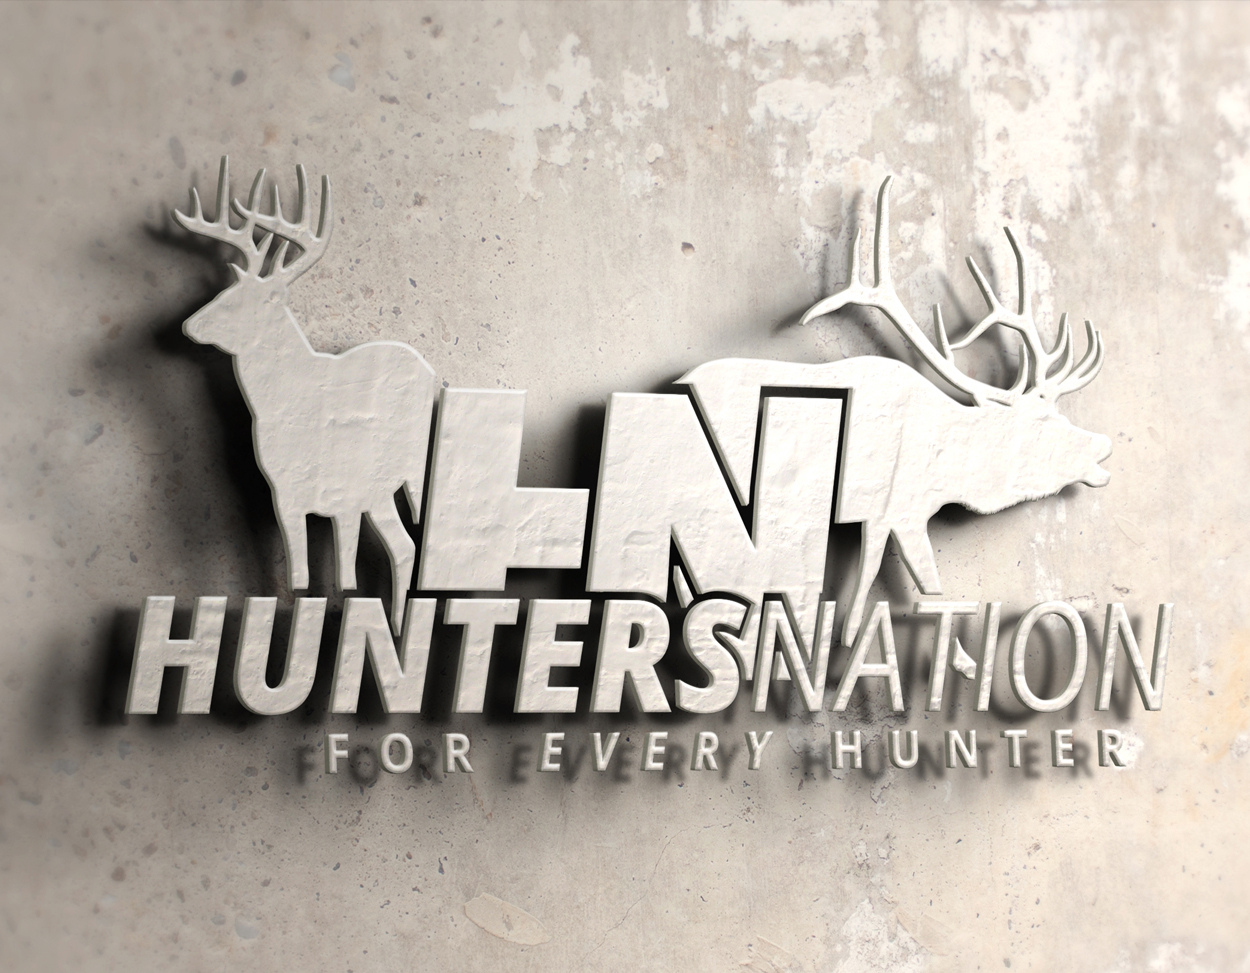 Hunters Nation Whitetail Bull Elk Hunting Logo Design